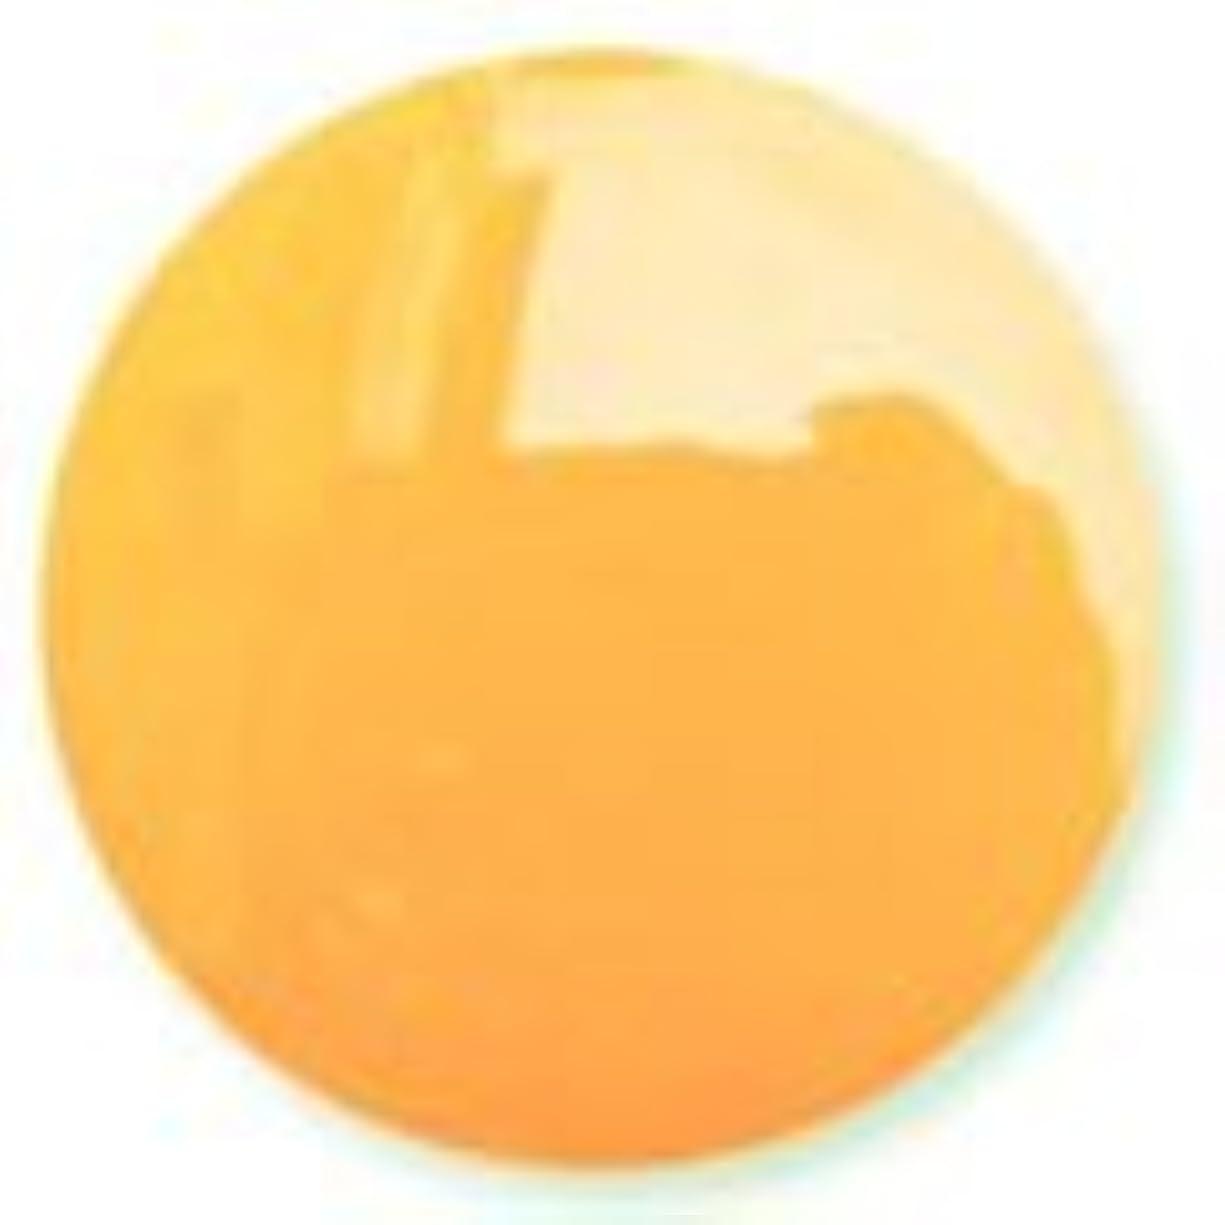 恥ずかしいガイドライン科学者ハニーオレンジ ソークオフジェル(ソフトジェル)LED/UV対応 8g NC016